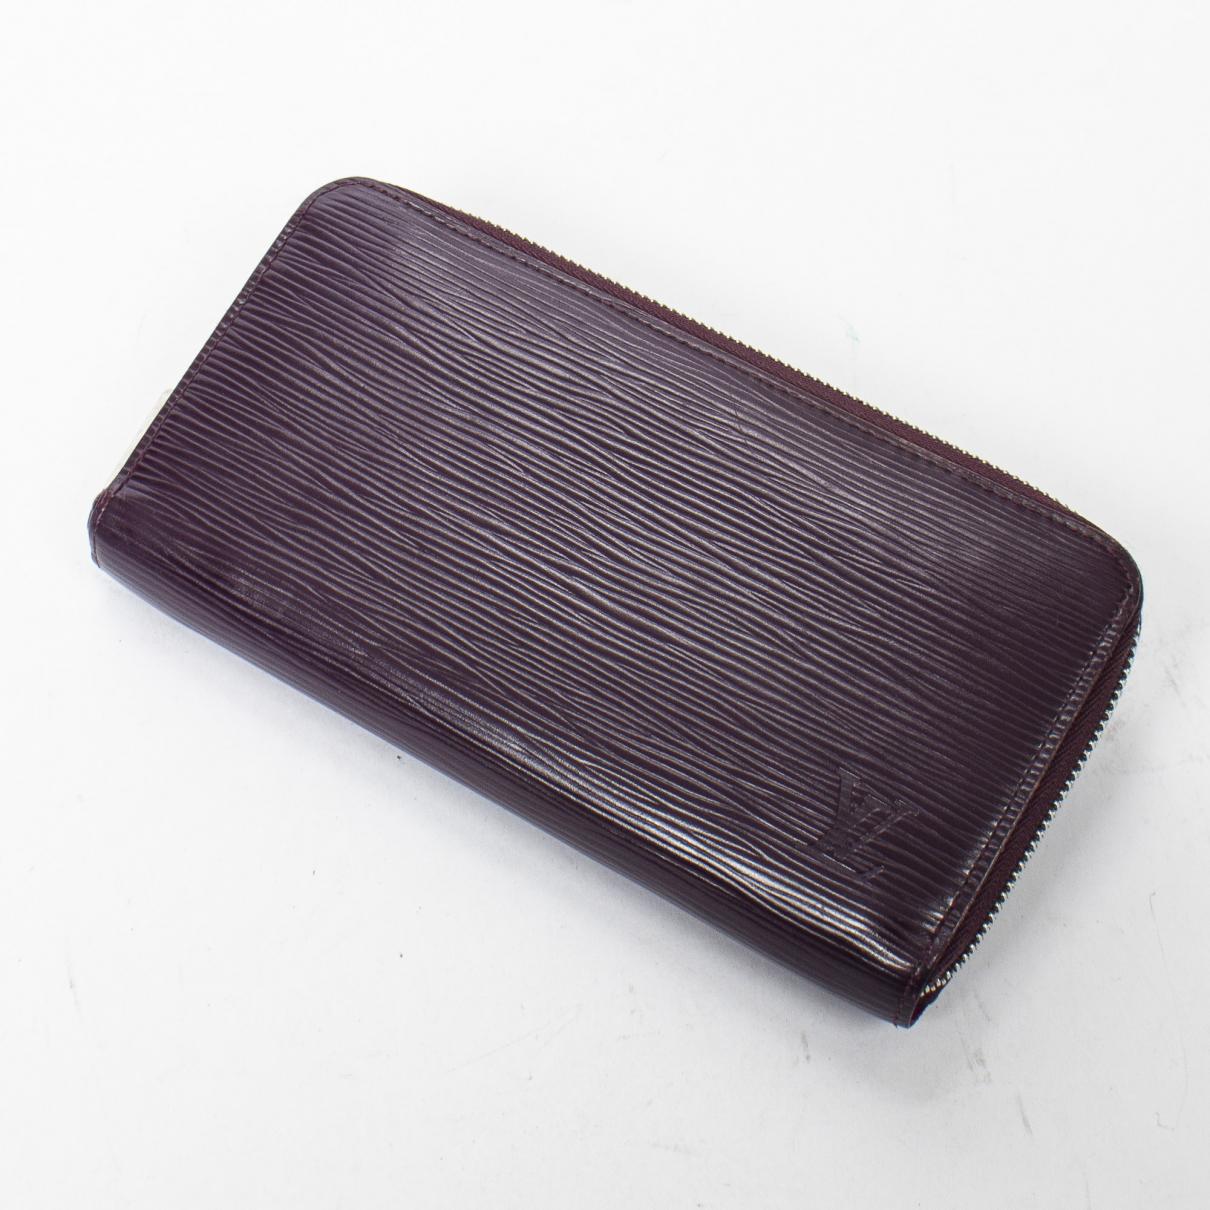 Louis Vuitton - Portefeuille Zippy pour femme en cuir